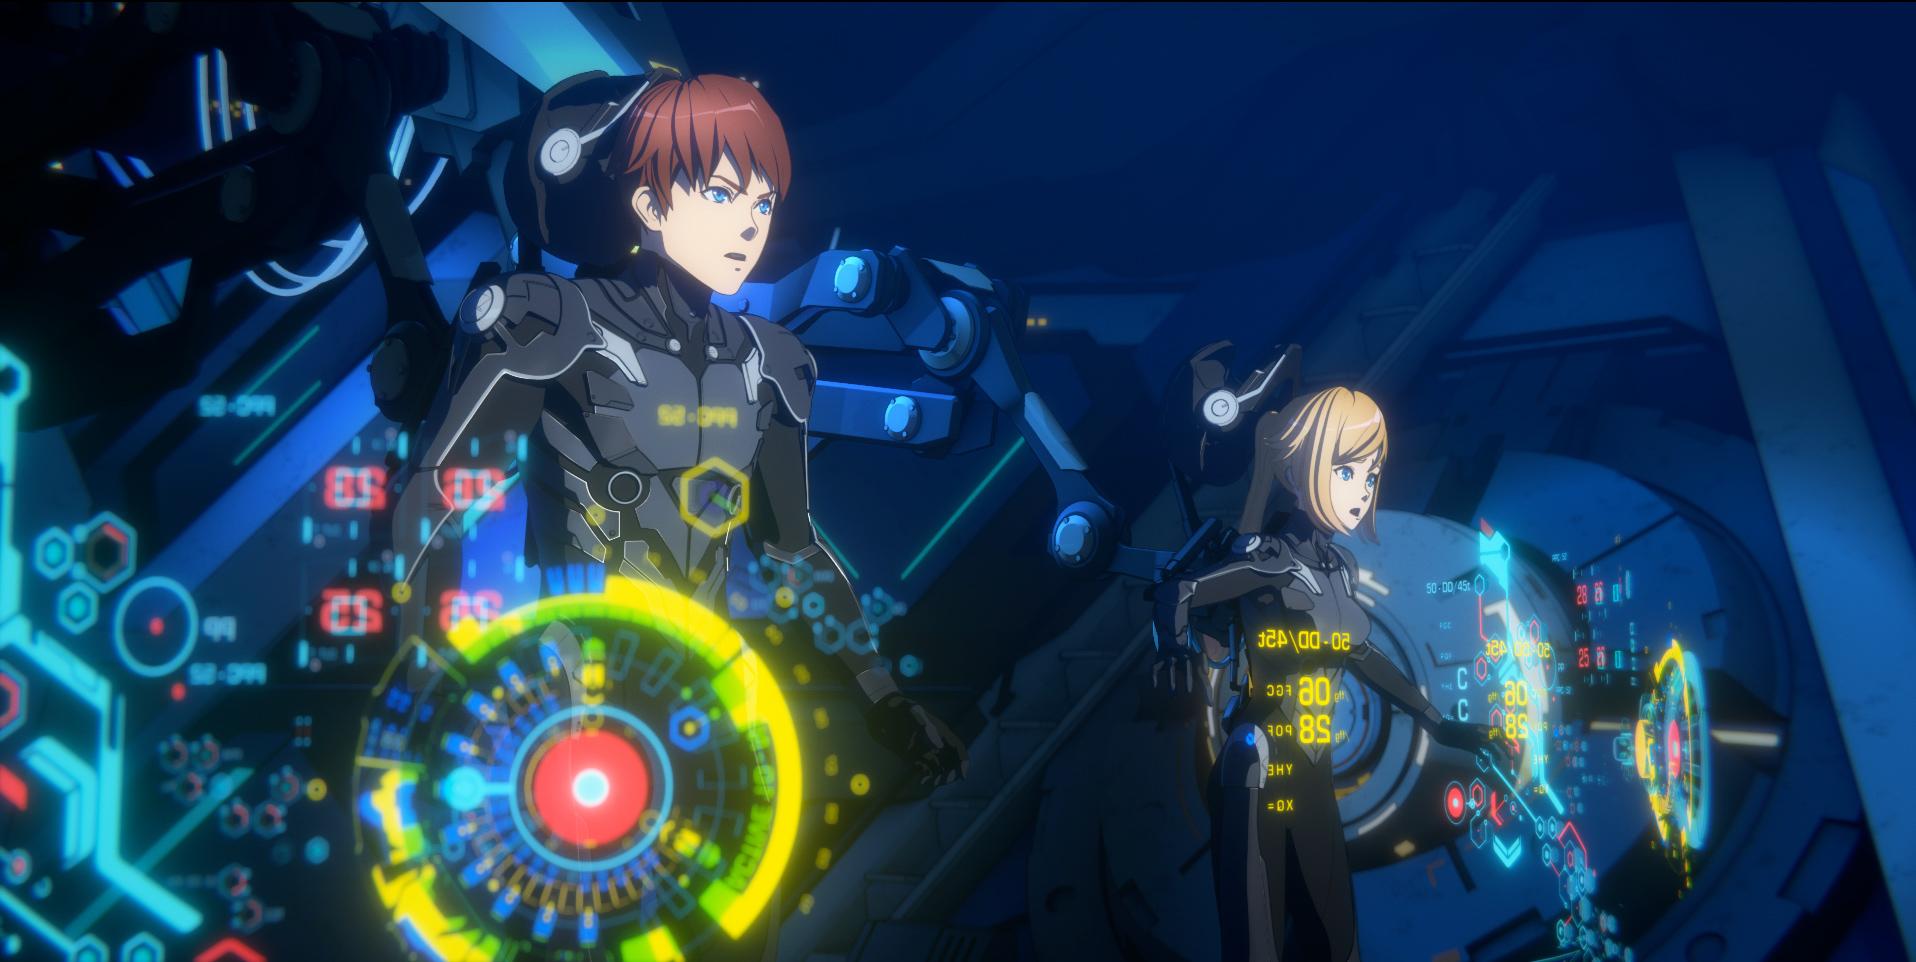 """Taylor y Hayley, un par de pilotos mecha hermano-hermana, se visten y activan el """"Deriva"""" para pilotar un Jaeger en una escena del próximo anime original de Pacific Rim: The Black Netflix."""